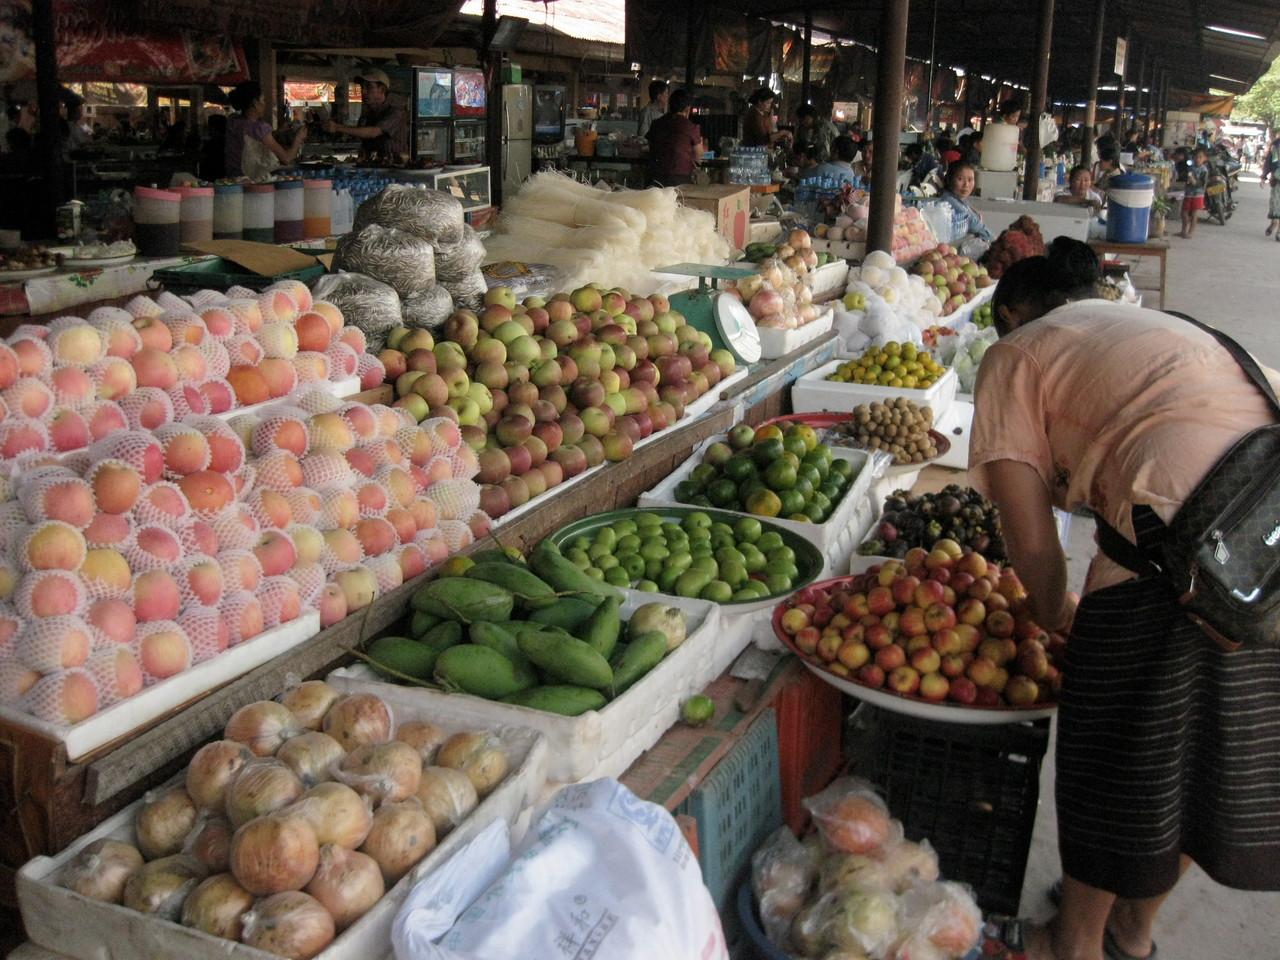 果物は意外にもクッションやカバーに包まれて売られてました